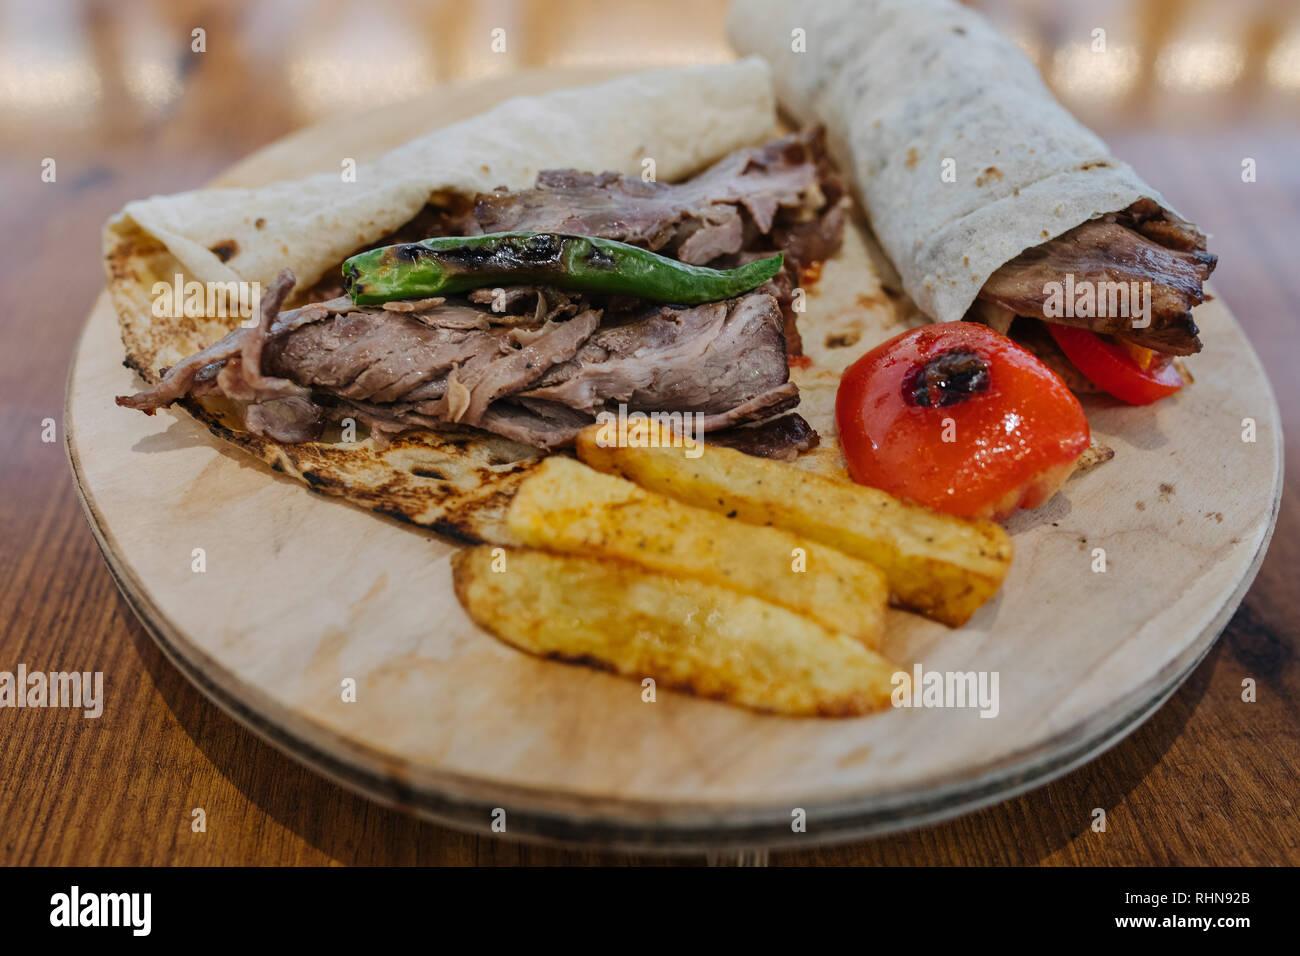 Turkish Doner Kebab Wrap Shawarma Or Gyros Traditional Turkish Doner Kebab Meat Sandwich Wrap Shawarma Or Gyros In Restaurant Stock Photo Alamy